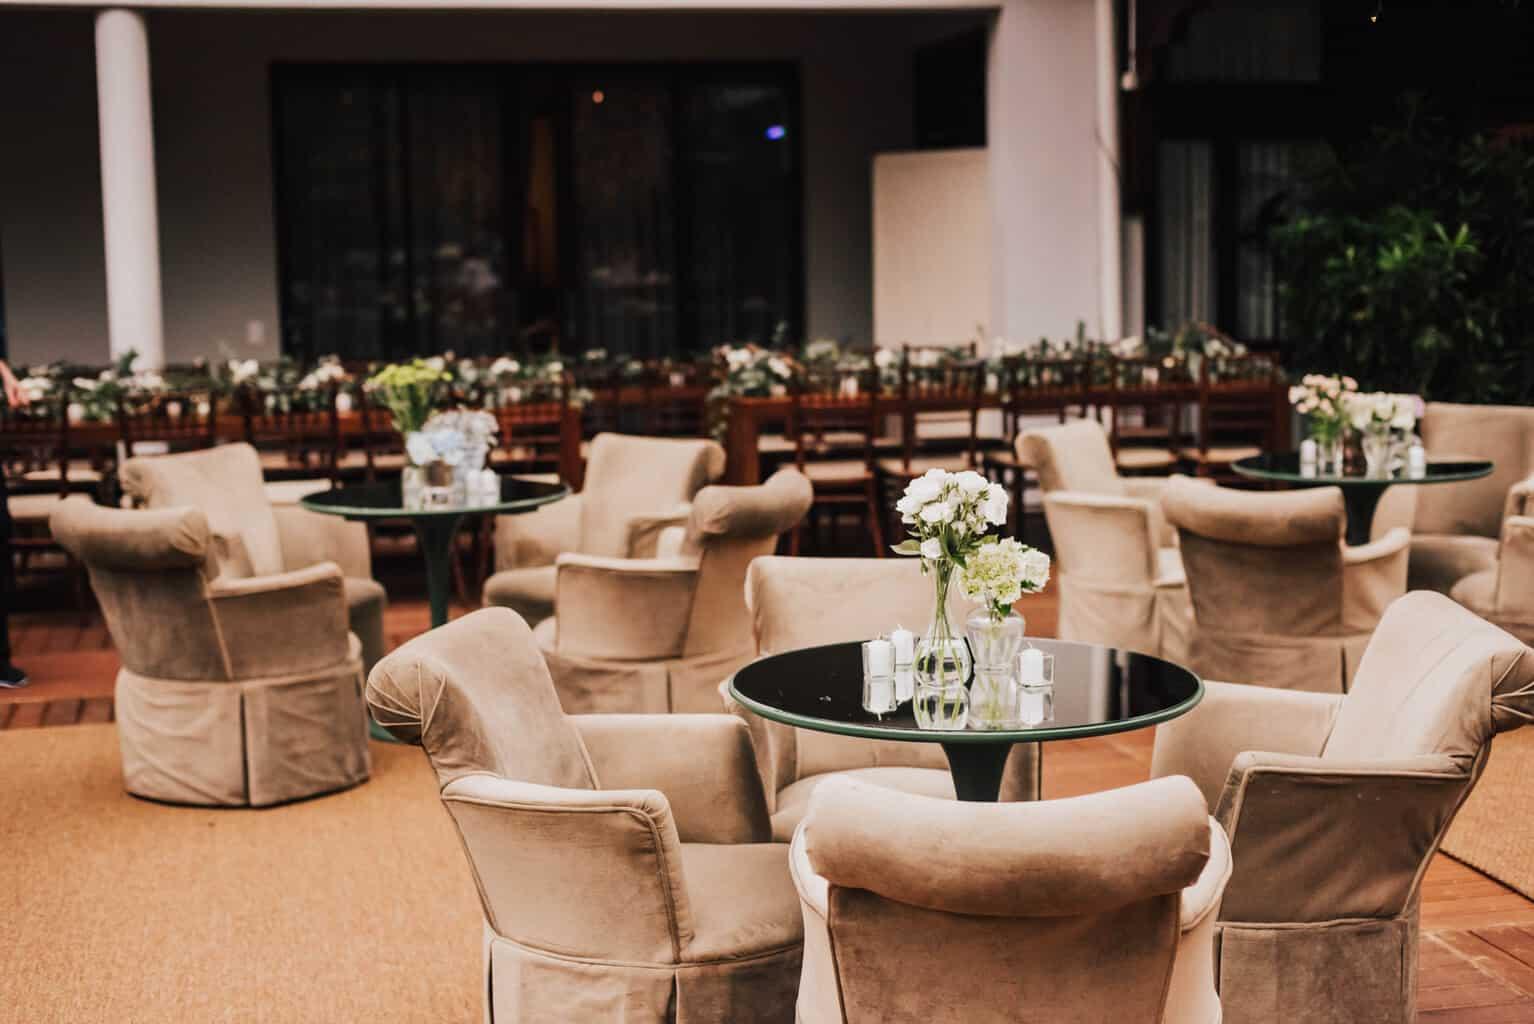 casamento-Maitê-e-Breno-decor-contemporanea-decoracao-branca-com-verde-Fotografia-Mana-Gollo-Hotel-Timbó-Park9